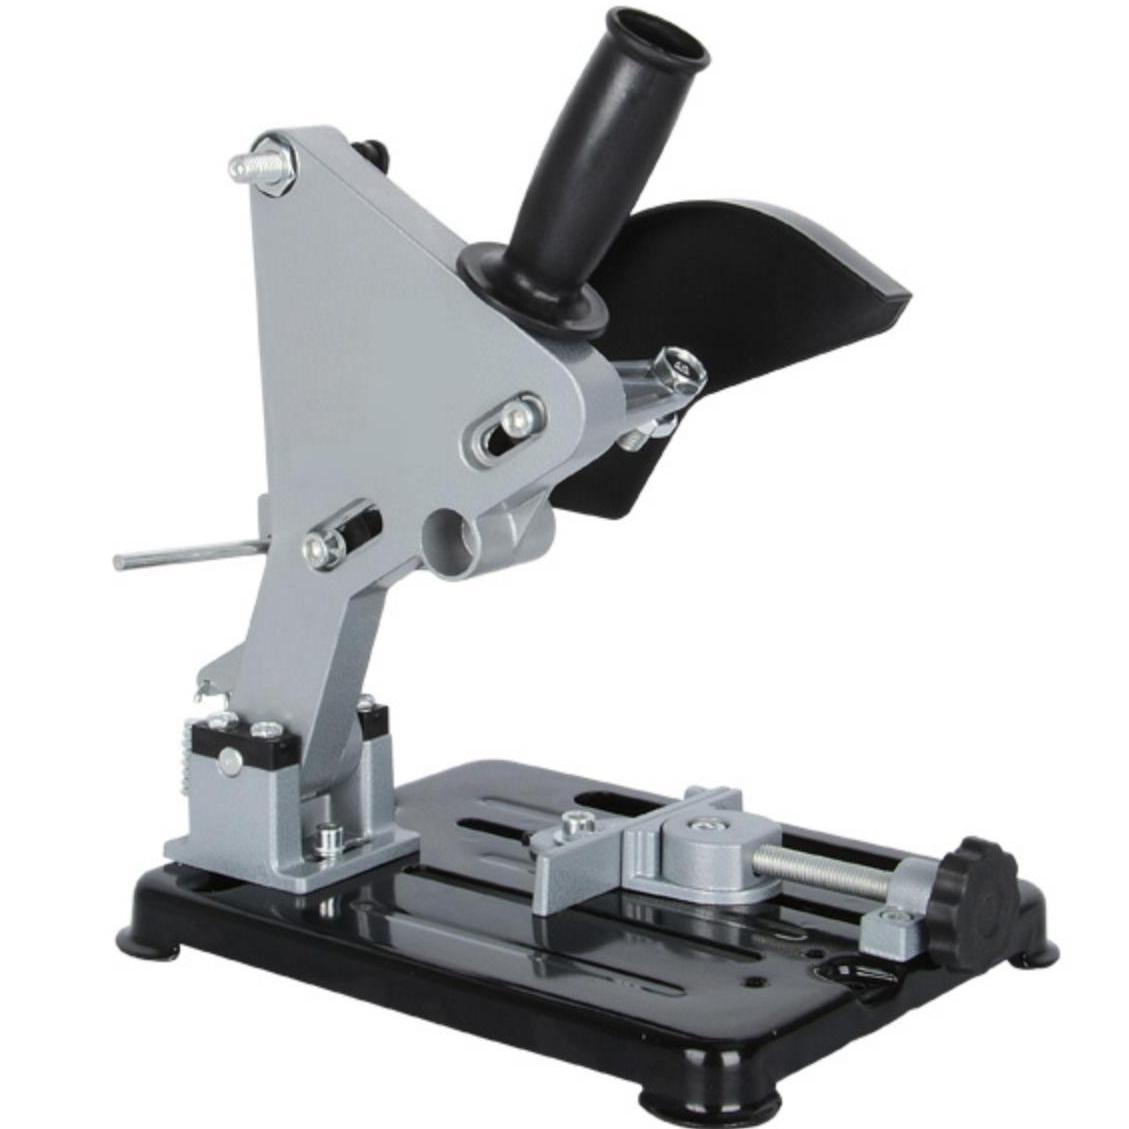 Hình ảnh Bộ chân đế kẹp chuyển máy mài thành máy cắt bàn